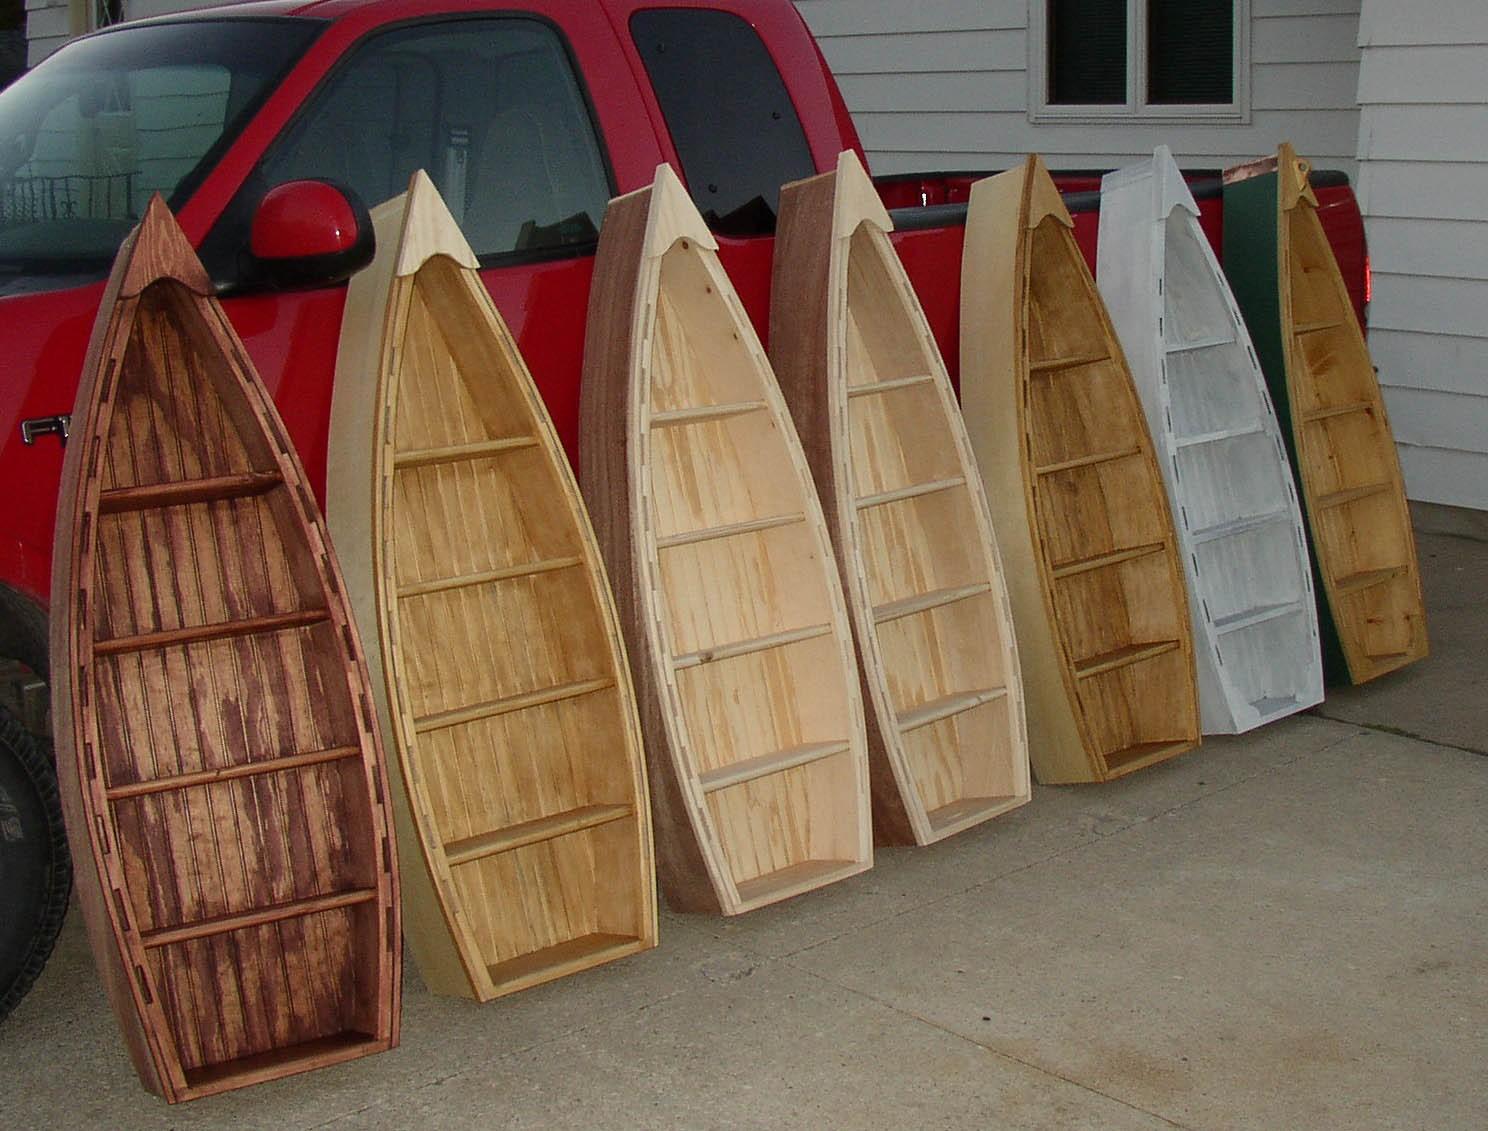 Lathe Plans Pdf Indoor Dog Crate Plans Wooden Boat Shelf